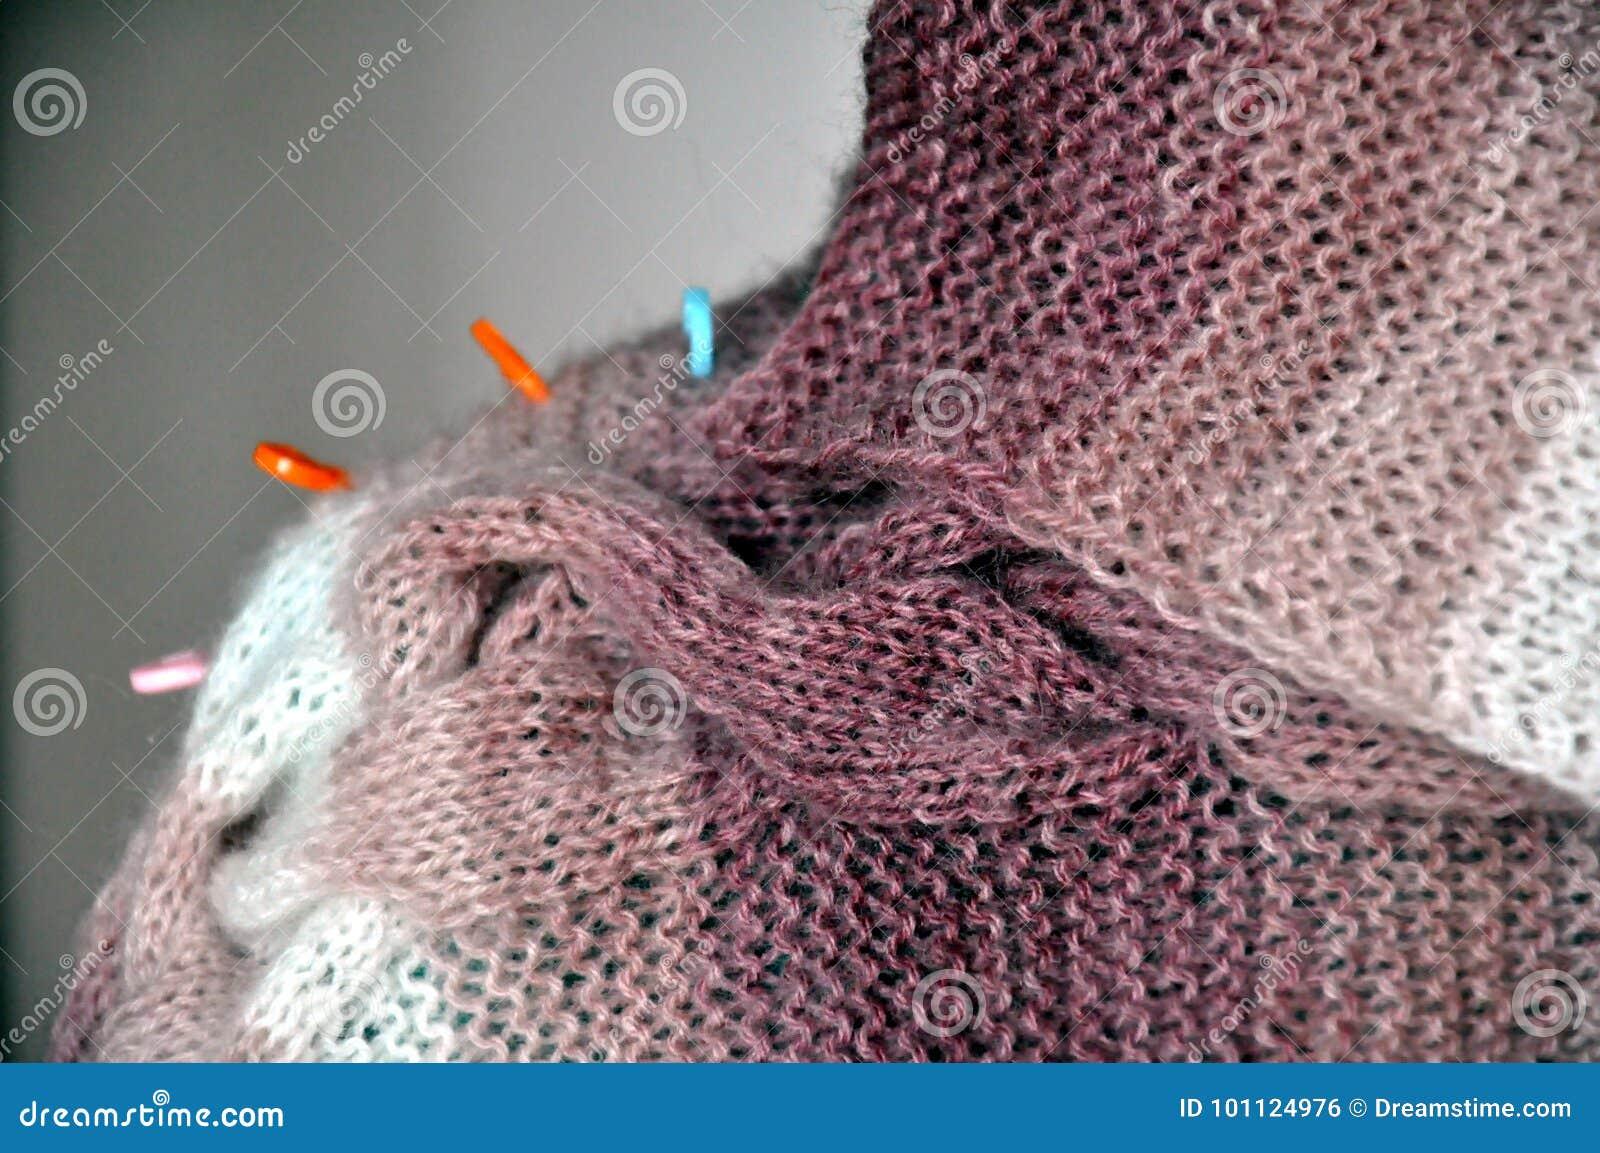 7423cb181d68 Πλέξιμο από ένα γούνινο νήμα Στοκ Εικόνες - εικόνα από κύκλος ...